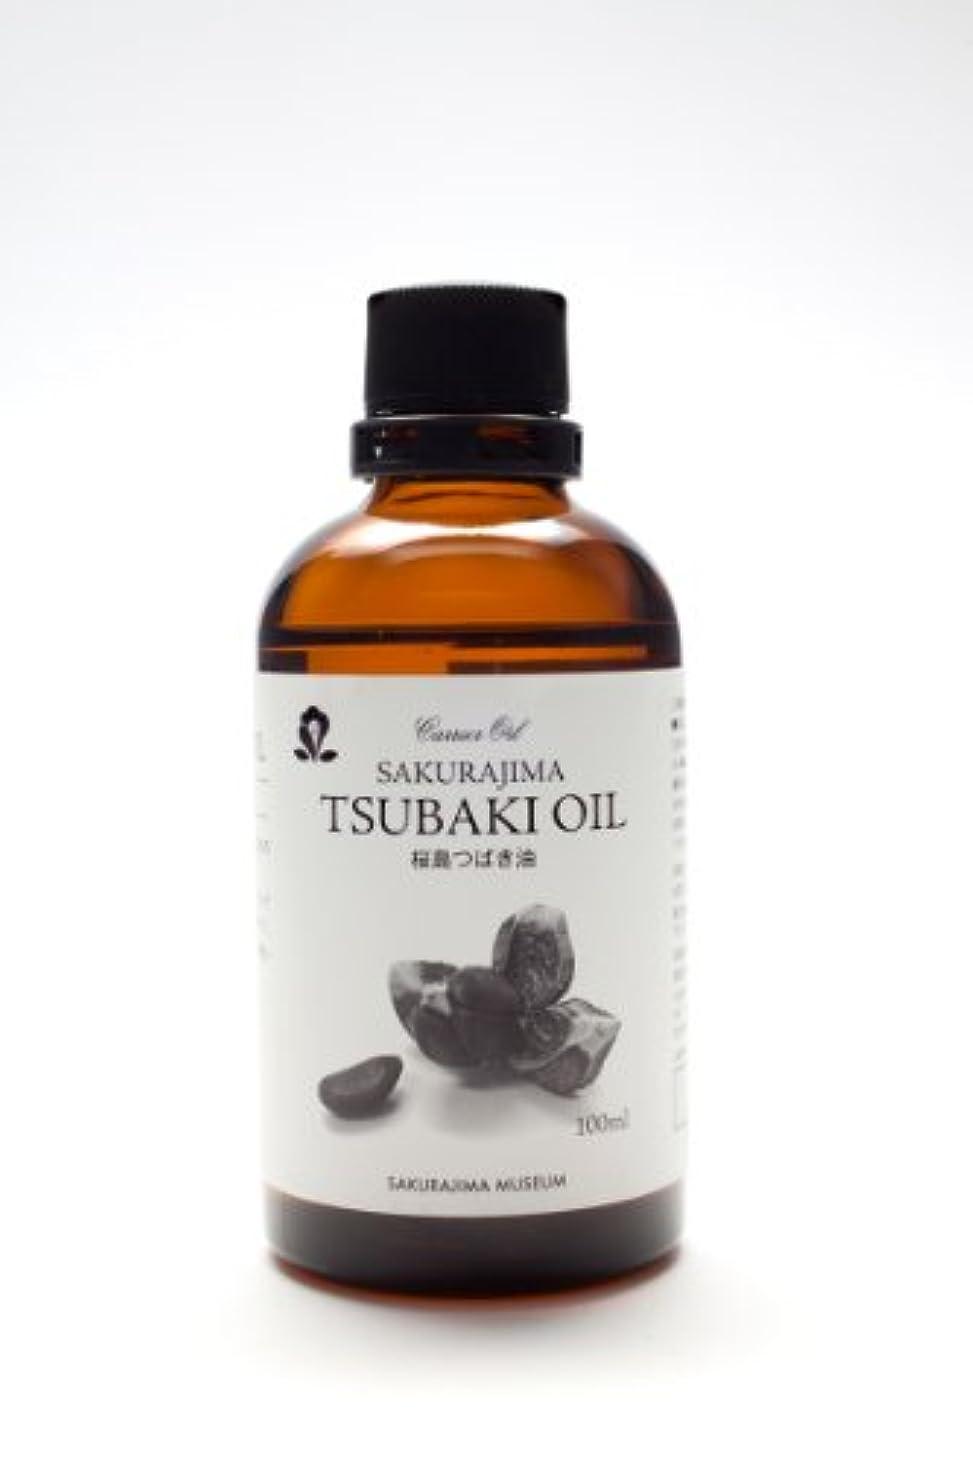 けん引小屋性能鹿児島県産 SAKURAJIMA TSUBAKI OIL 桜島つばき油(化粧用)100ml 100% 桜島産の椿油でナチュラルな潤い。